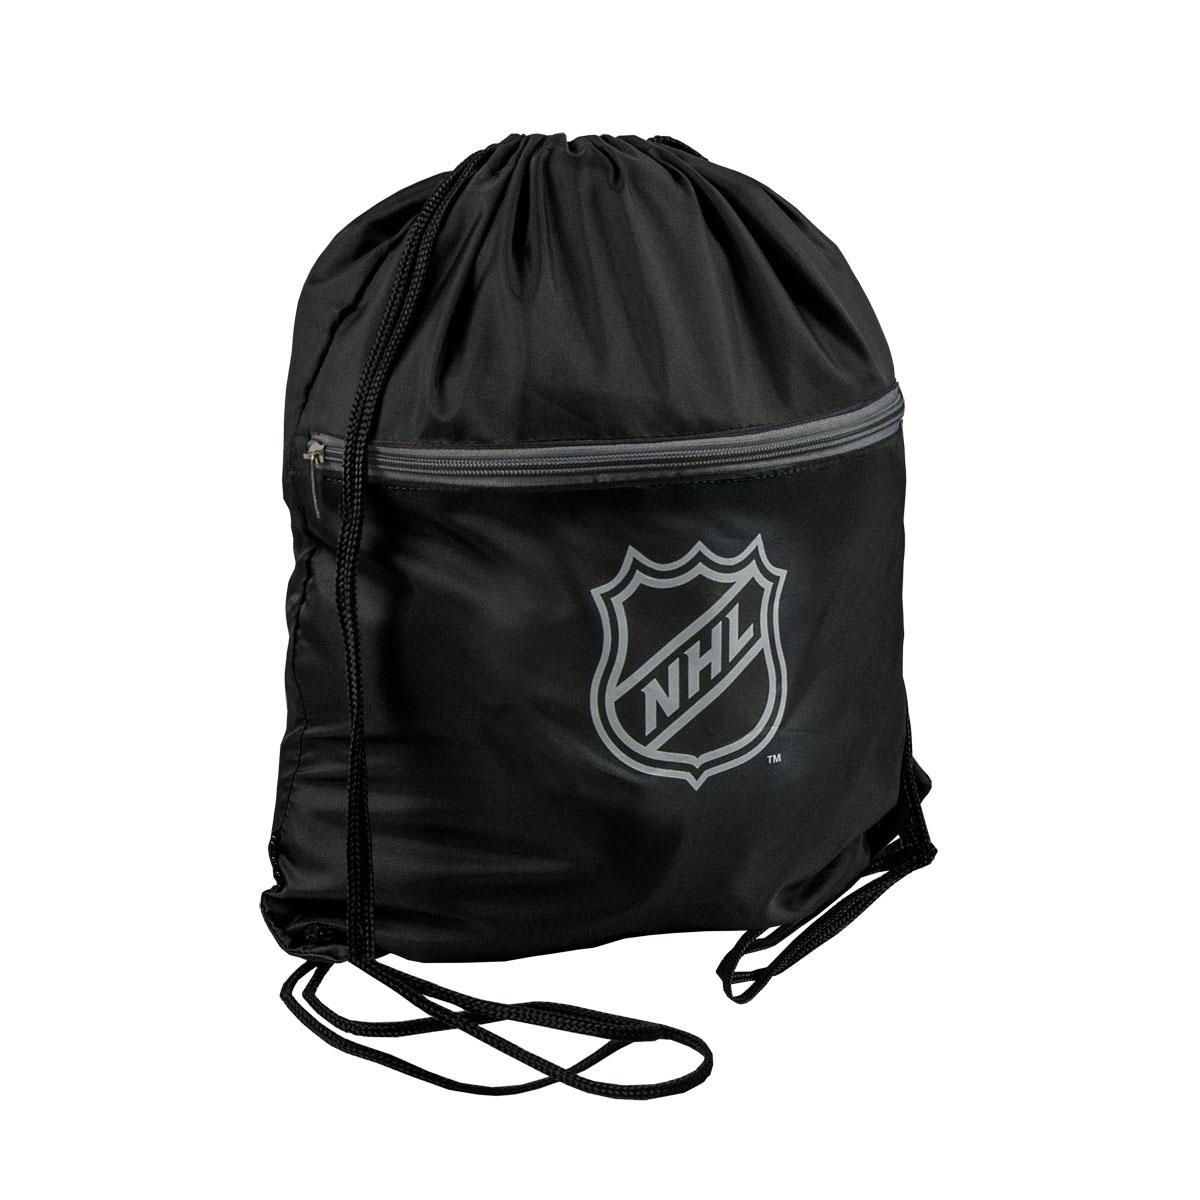 Мешок на шнурке NHL, цвет: черный, 15 л58019Мешок на шнурке NHL выполнен из 100% полиэстера. Он выполняет функции рюкзака, благодаря плечевым лямкам, которые надежно фиксируют изделие у его верхнего основания. Мешок имеет 2 отделения, одно из которых закрывается на молнию. Украшен эмблемой хоккейной команды NHL.